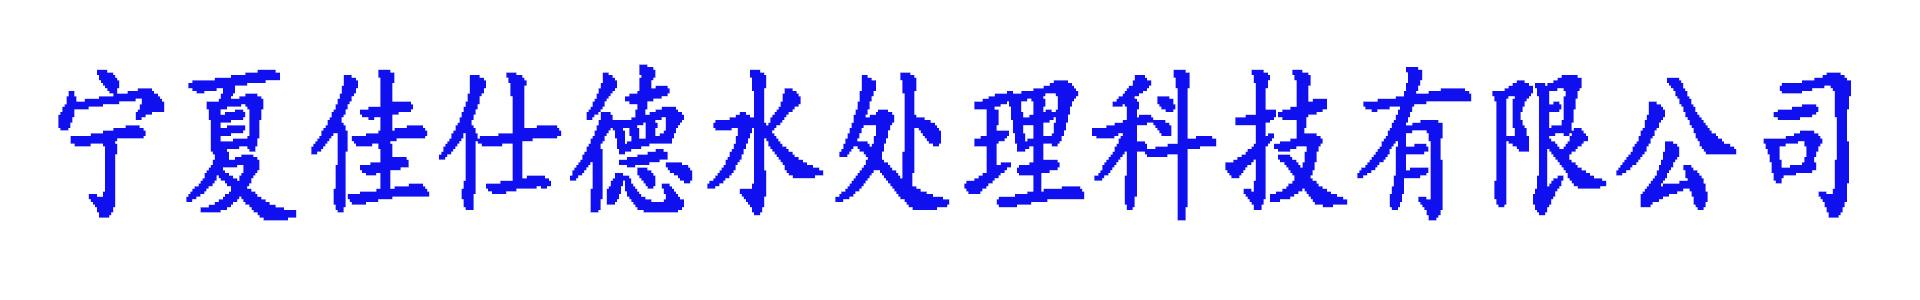 宁夏佳仕德水处理科技有限公司